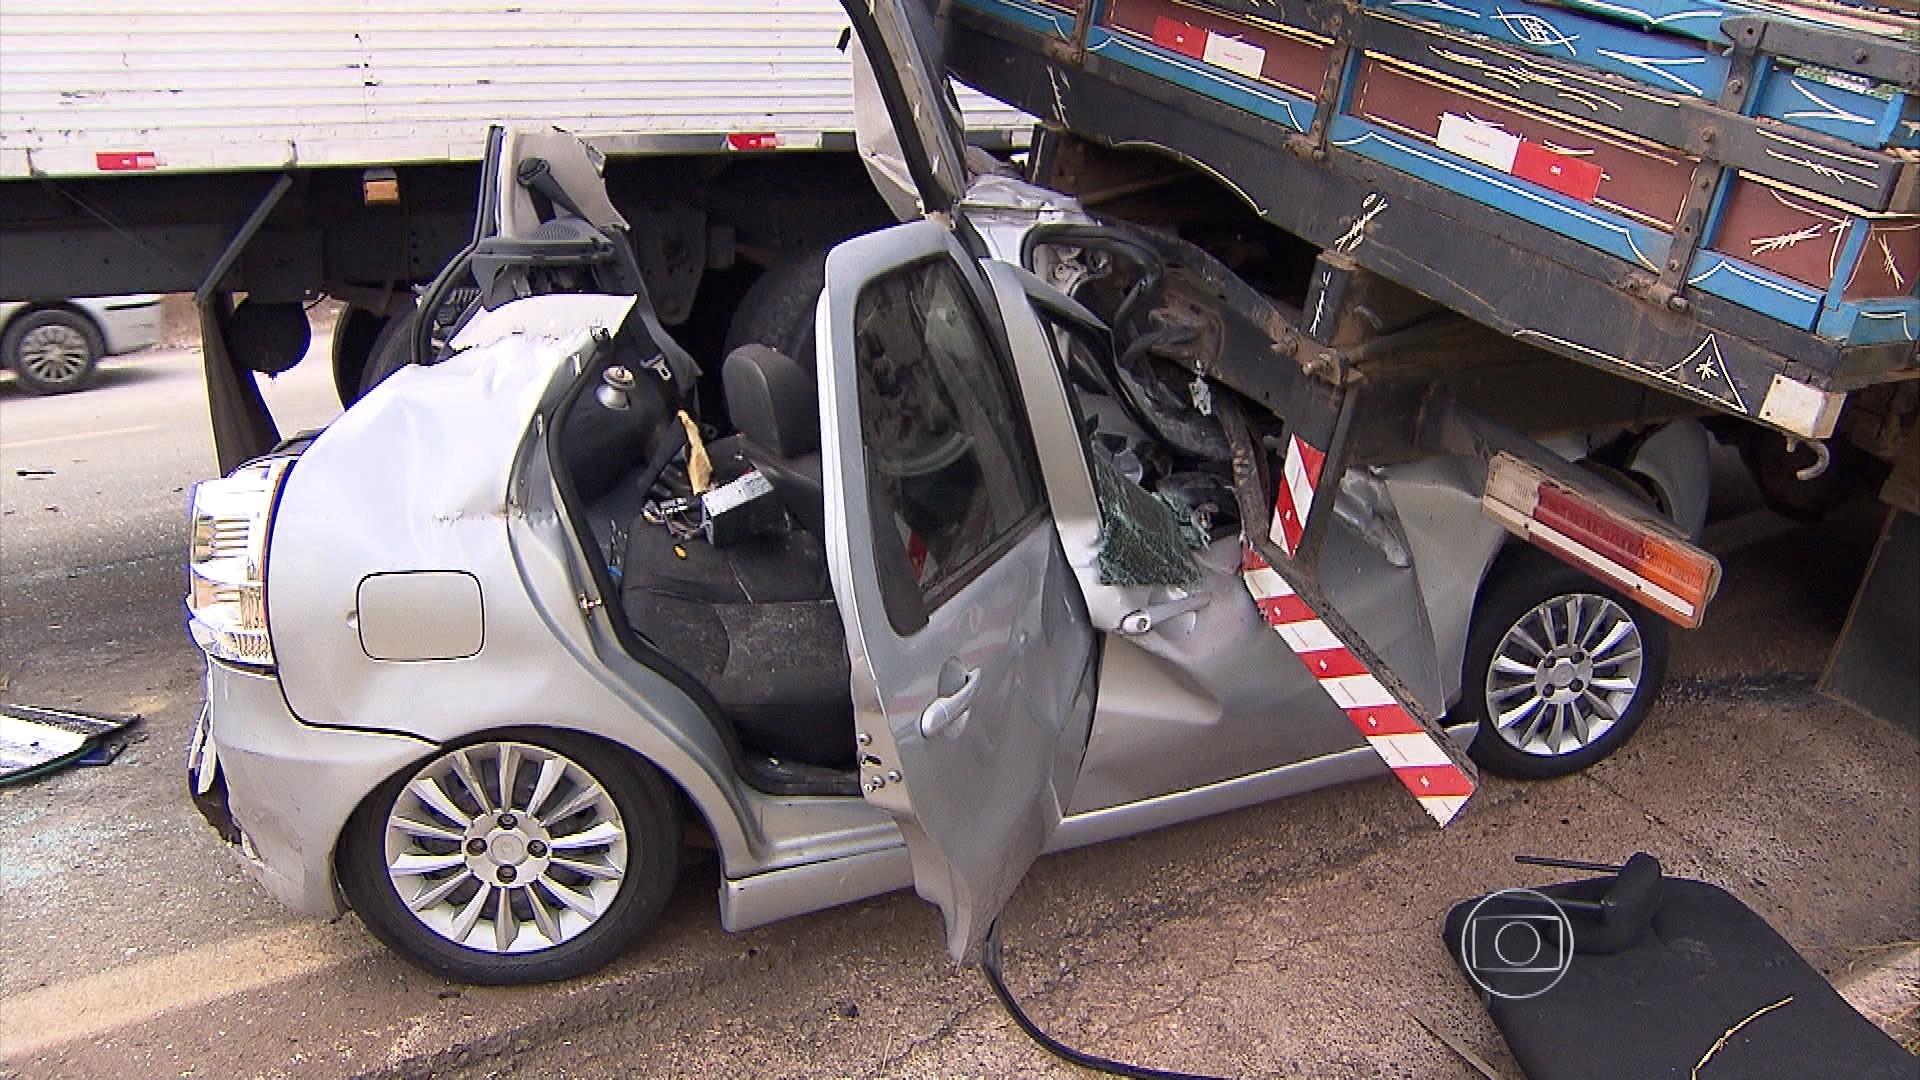 Acidente com carros e caminhões deixa feridos no Anel de BH (Divulgação/PM)